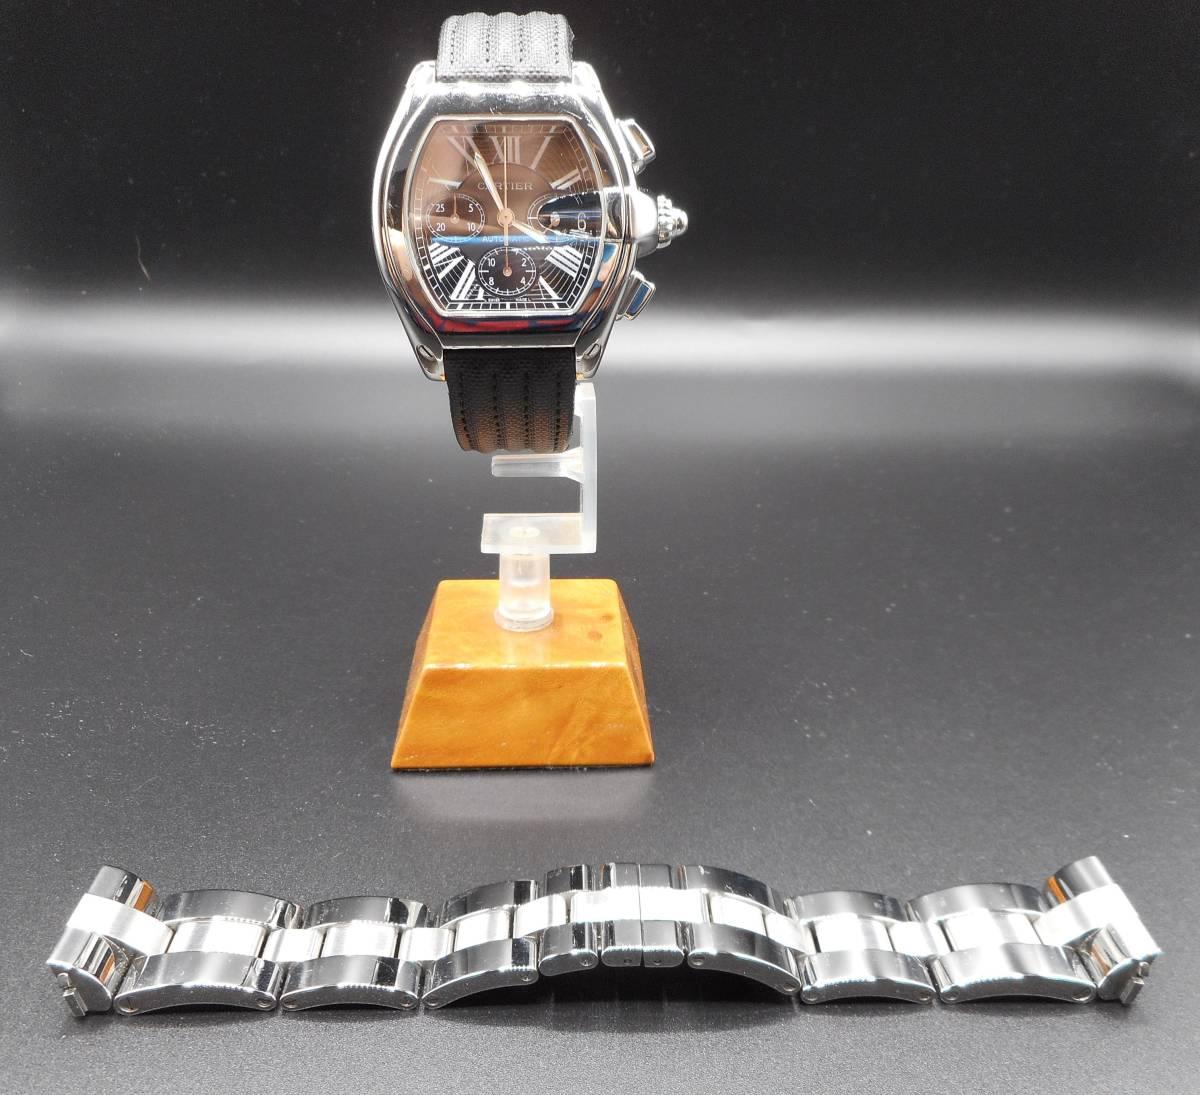 Cartier カルティエ ロードスター クロノグラフ LM ベゼルアフターダイヤ加工します カスタム W62041V3 SS 019X6 007 020 取付 サントス S_ビフォー